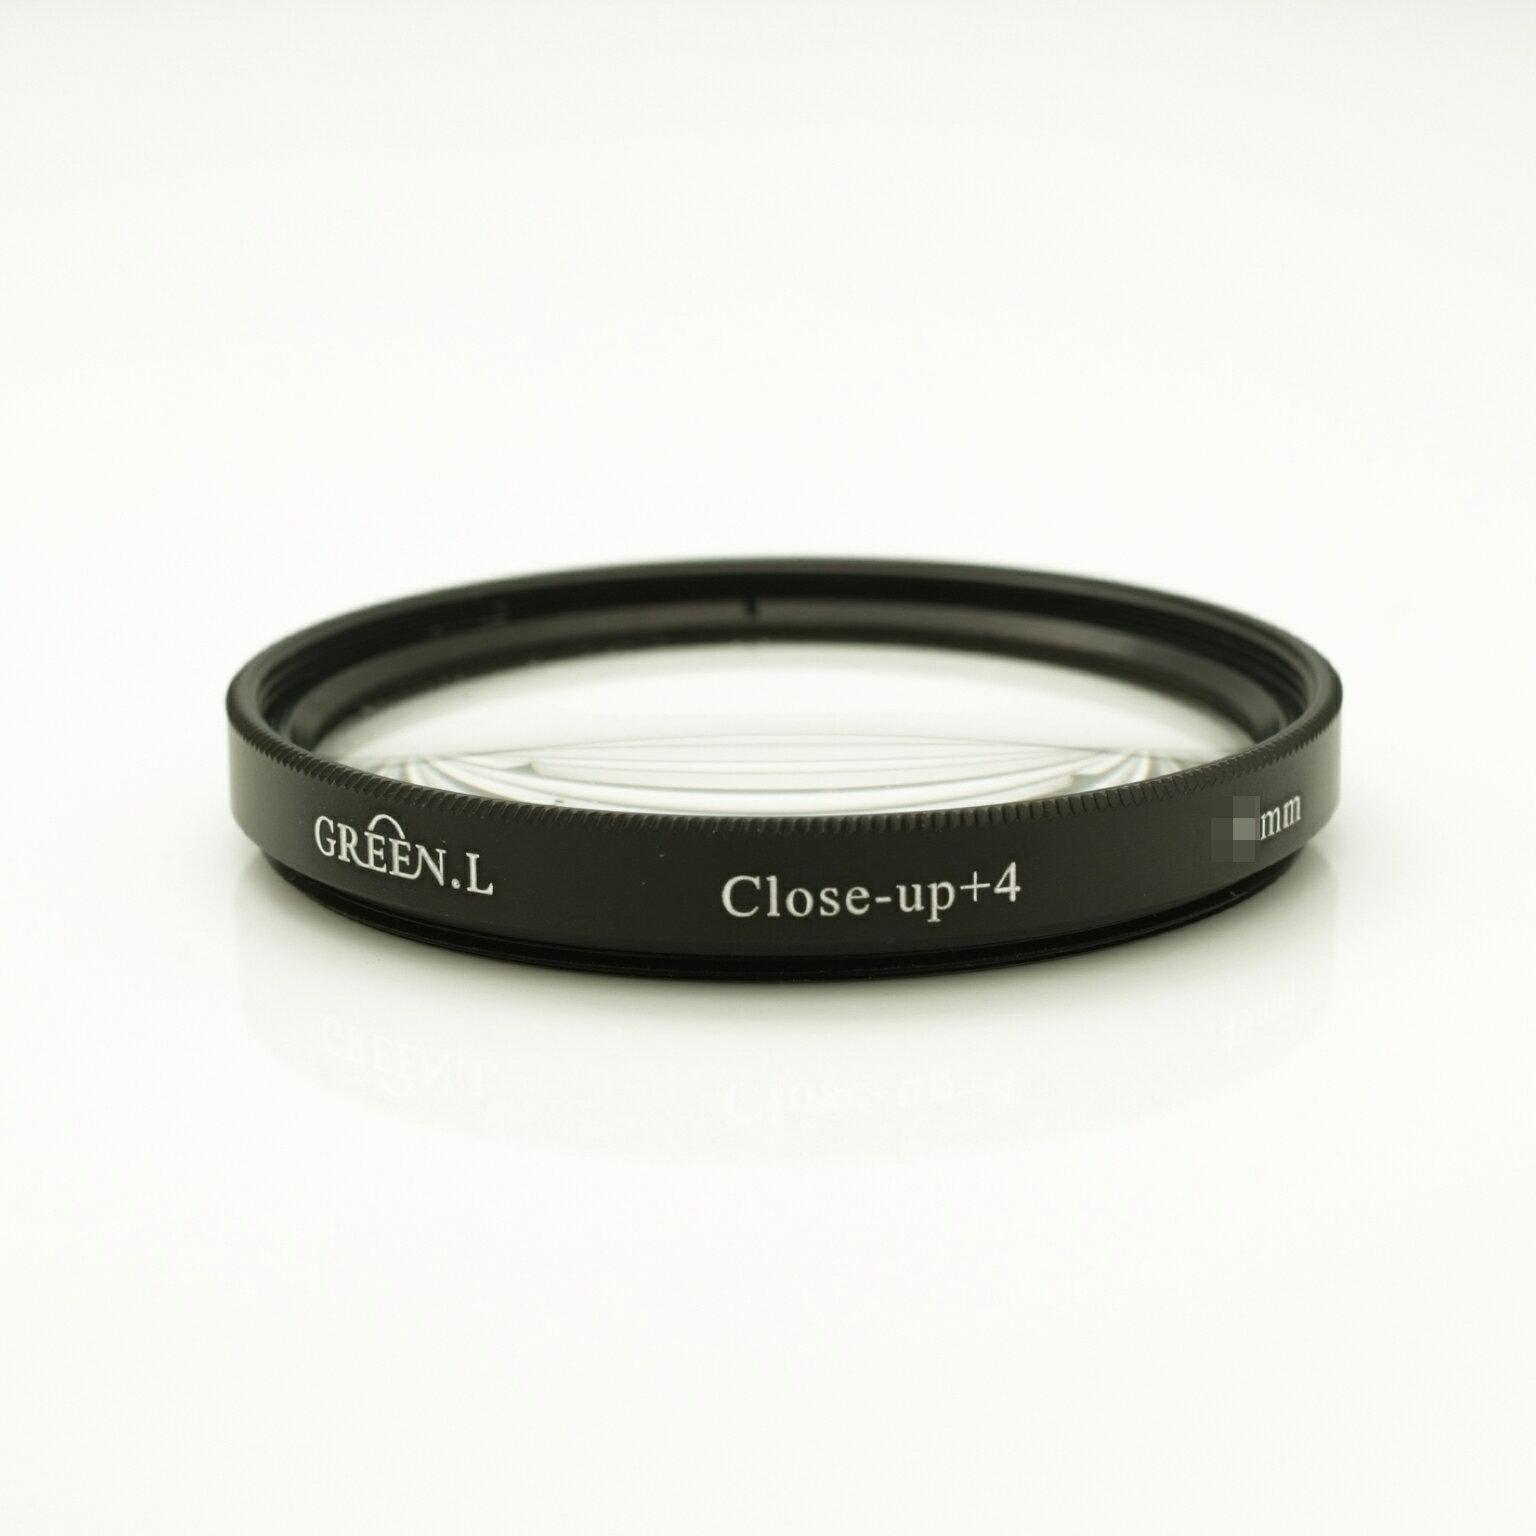 我愛買#Green.L格林爾40.5mm近攝鏡片放大鏡(close-up+4濾鏡)Macro鏡Mirco鏡窮人微距鏡片增距境近拍鏡,可代倒接環接寫環近攝環雙陽環百微Sony索尼16-50m f3.5-..